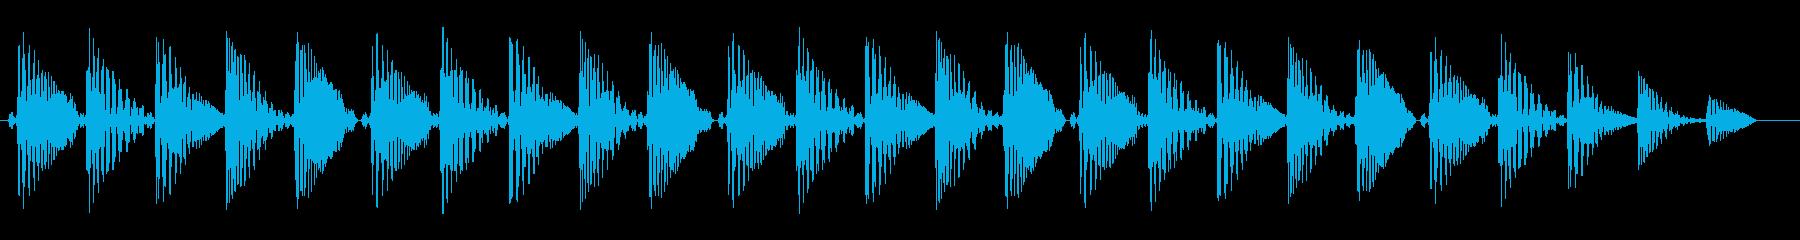 プワプワプワ(飛行機)の再生済みの波形